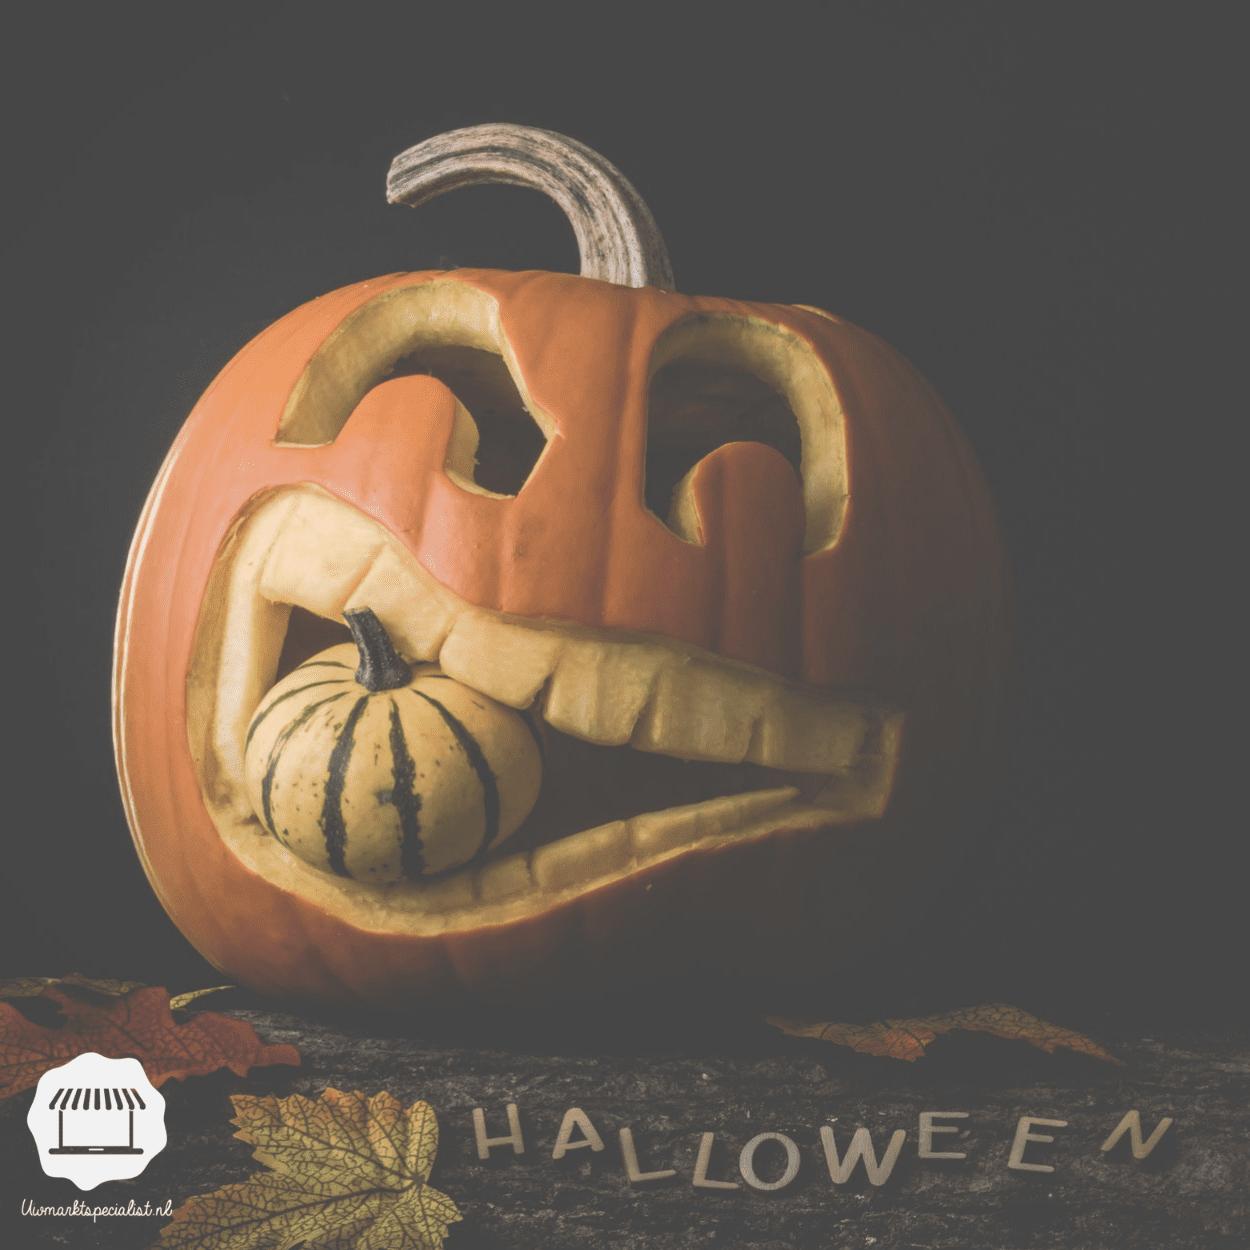 Halloween Weetjes.Wist Je Dit Al Over Halloween Uw Marktspecialist